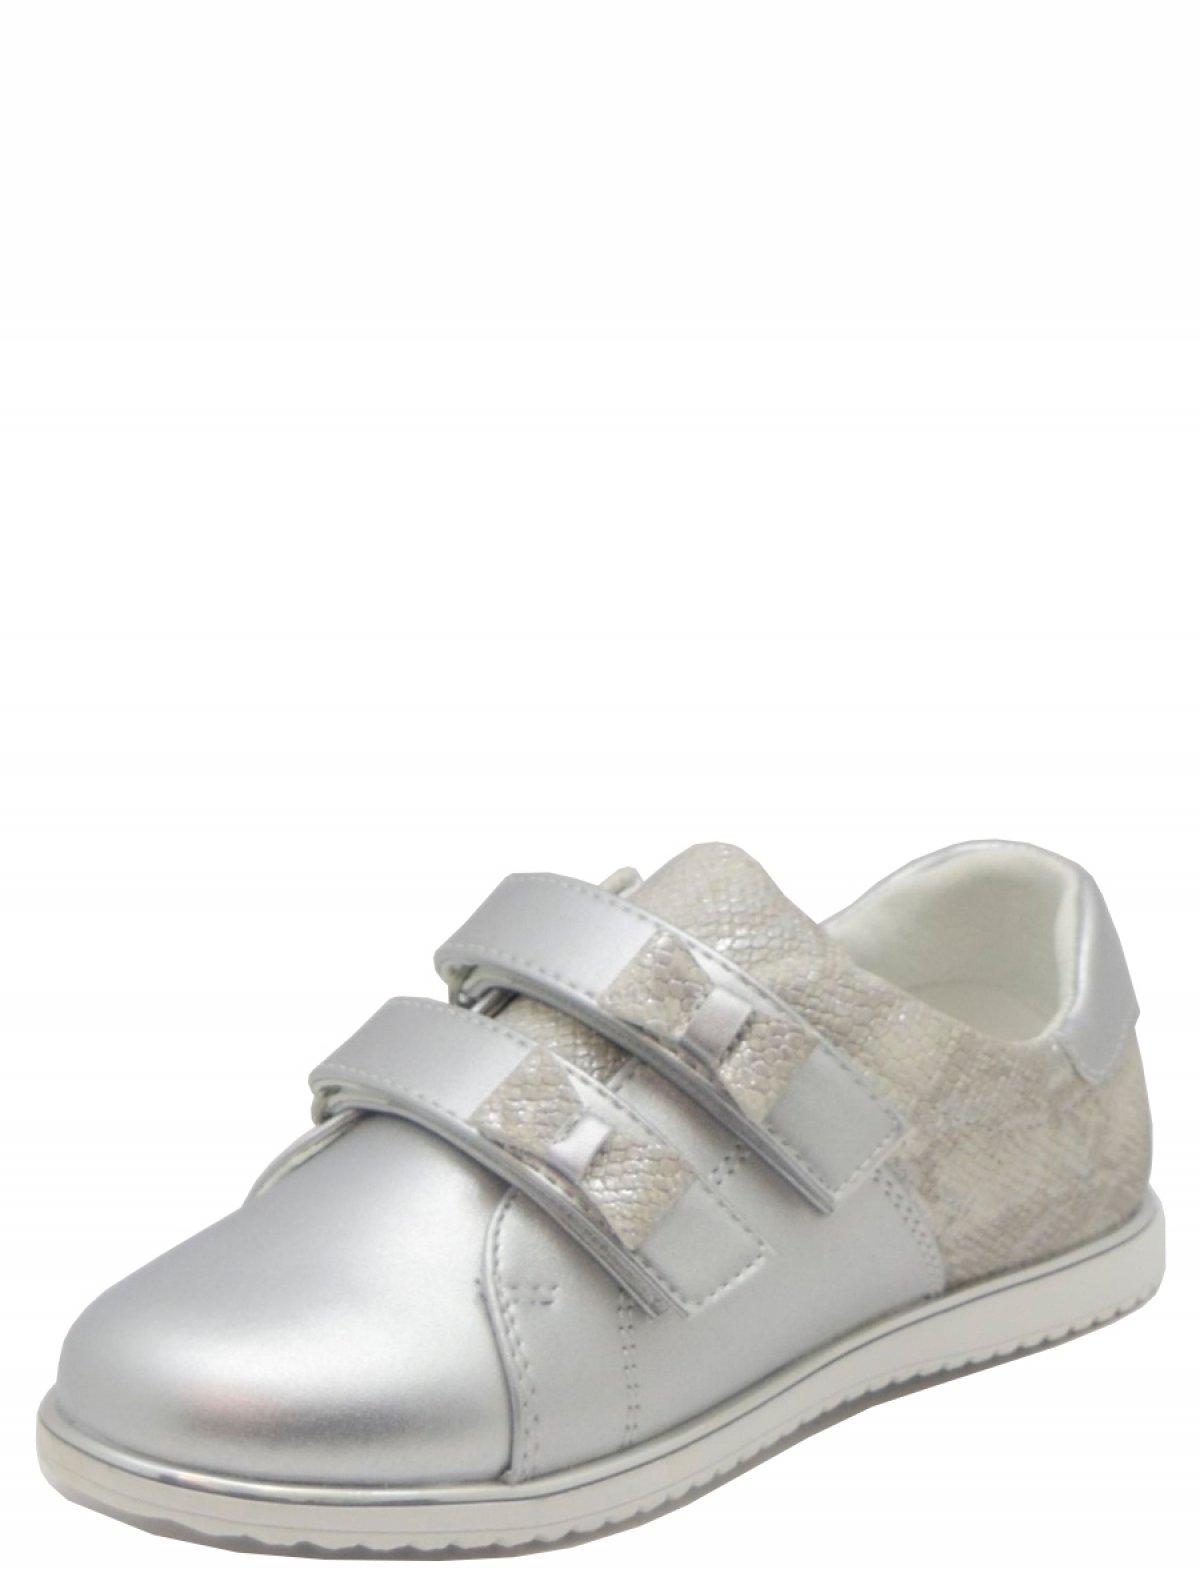 Ботинки Сказка